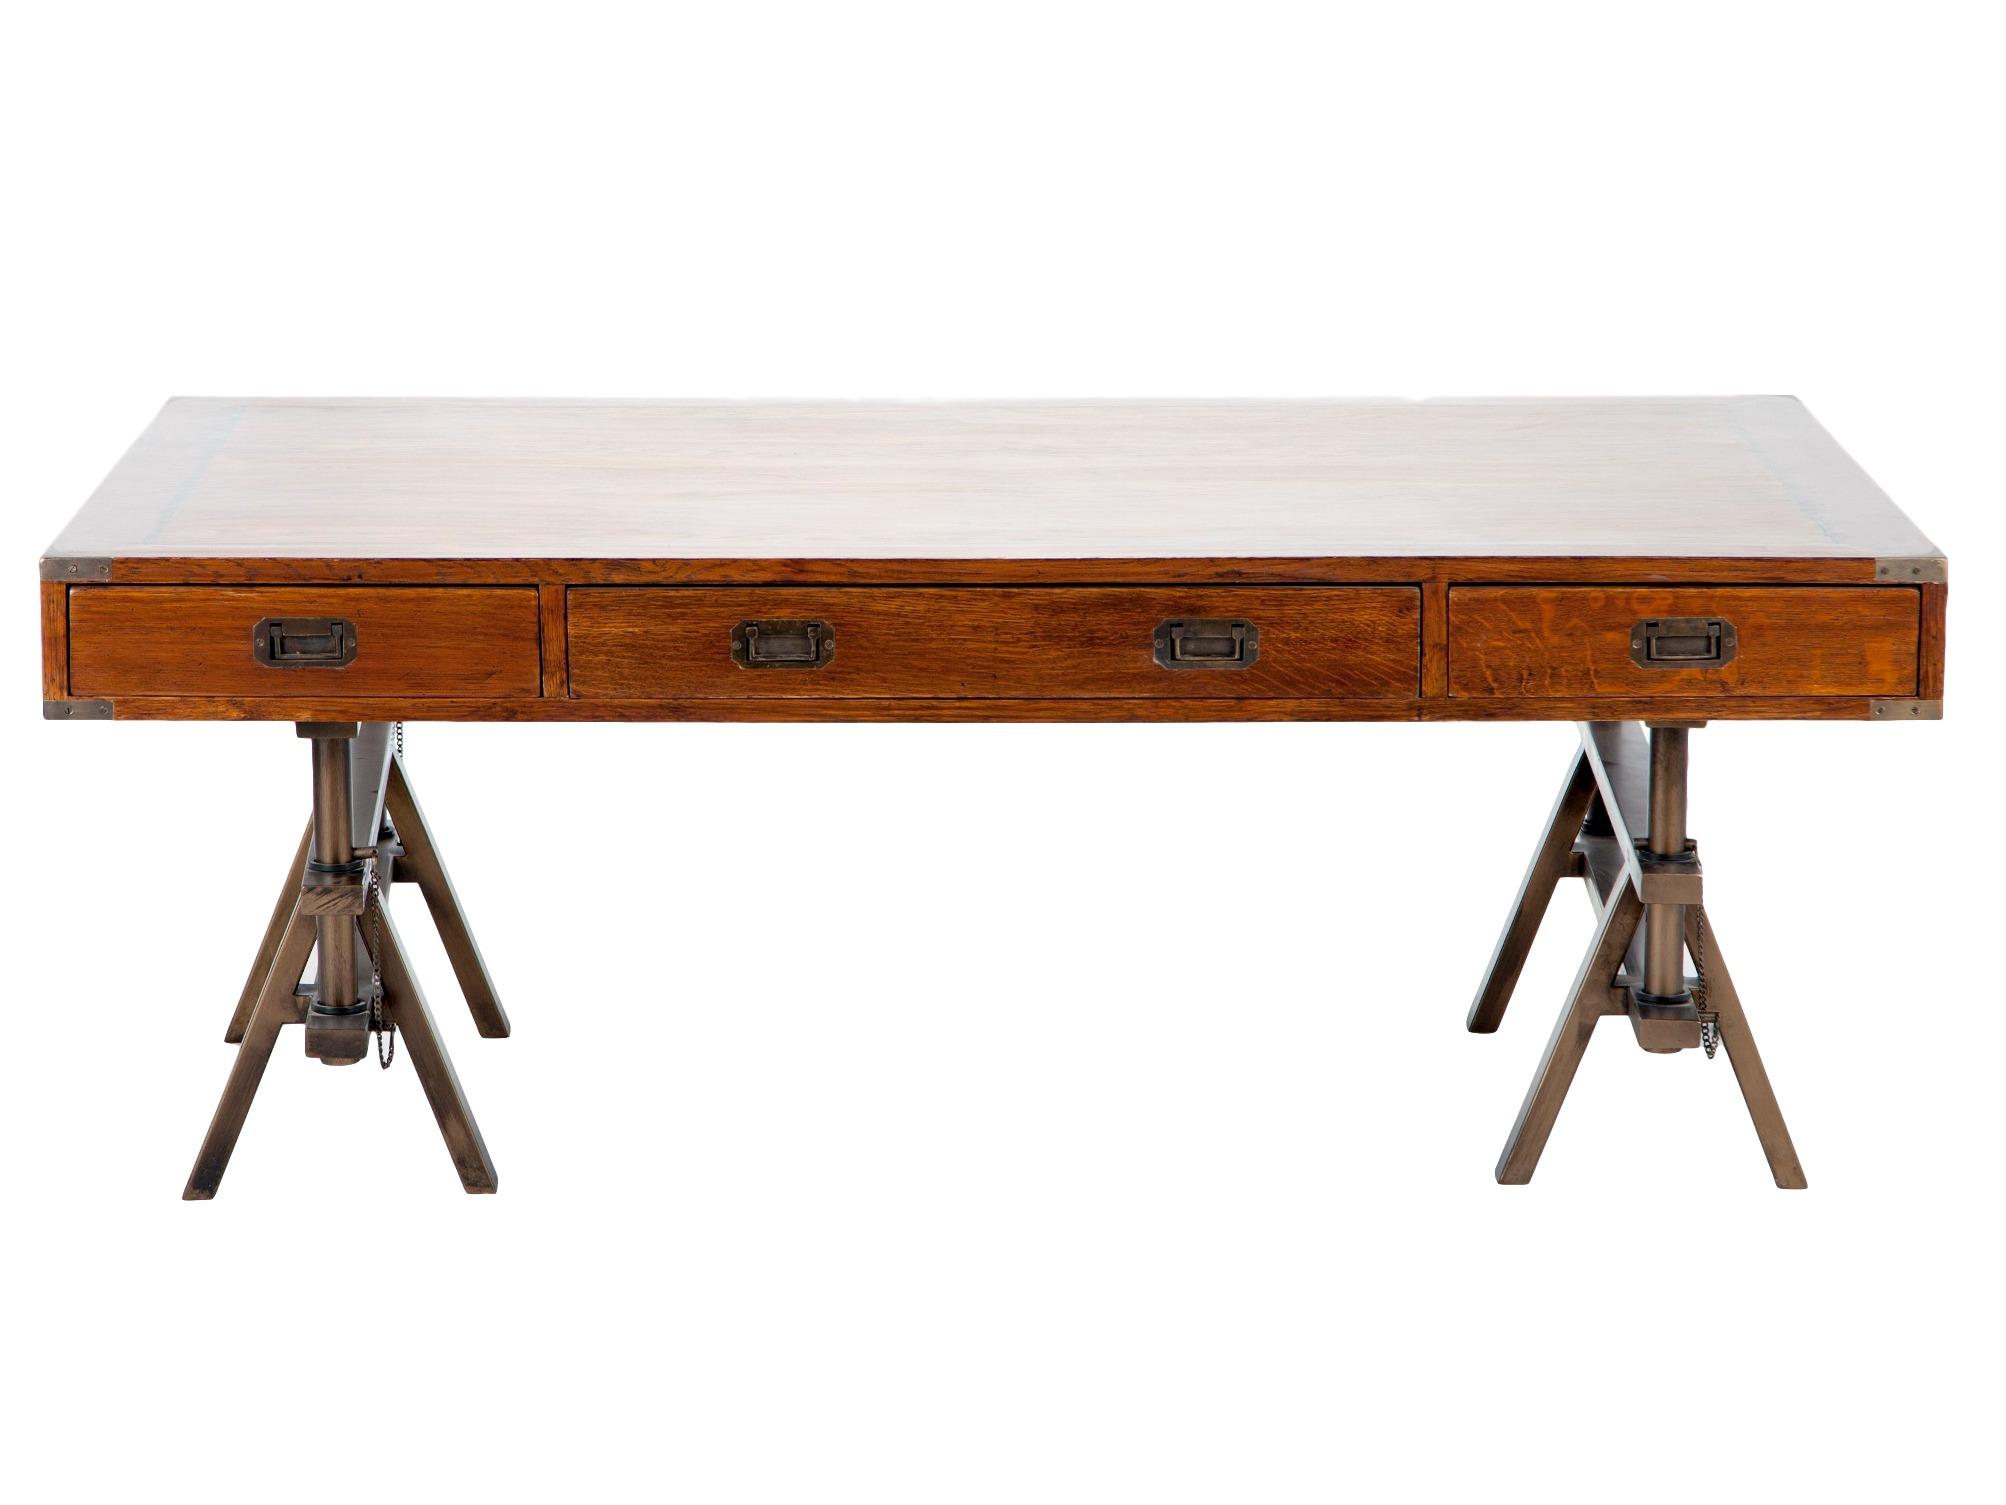 Кофейный столикКофейные столики<br>Стол кофейный из дерева с выдвижными ящиками на металлических ножках с регулируемой высотой.<br><br>Material: Дерево<br>Length см: None<br>Width см: 150<br>Depth см: 100<br>Height см: 44